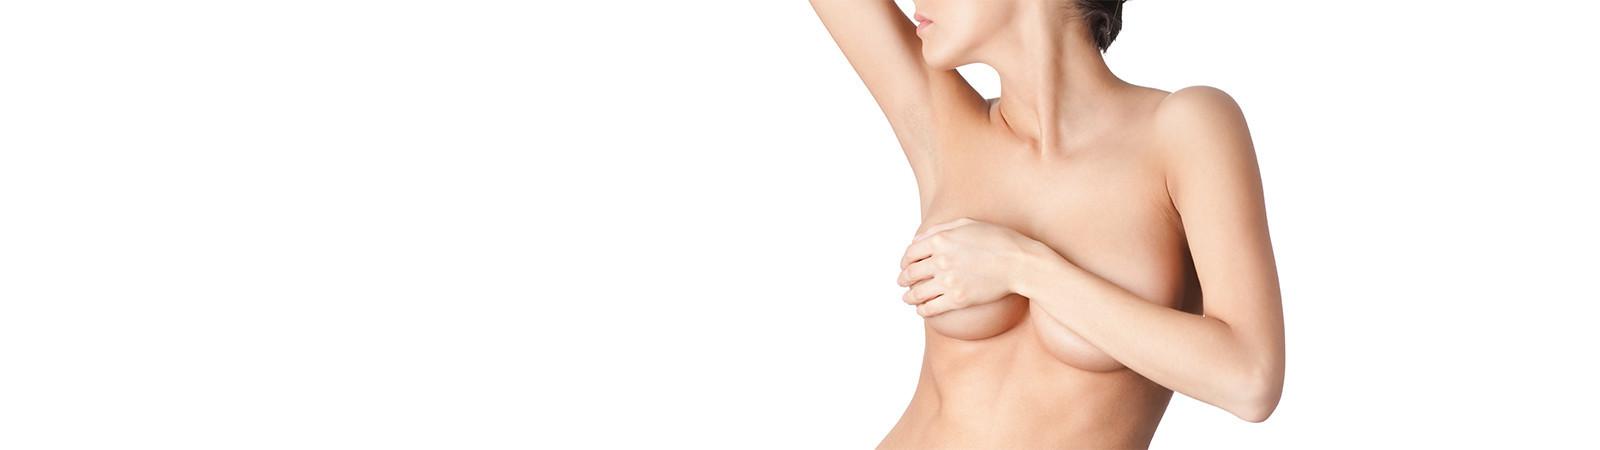 Brustvergrößerung mit Straffung in Hamburg - Dr. Armin Rau